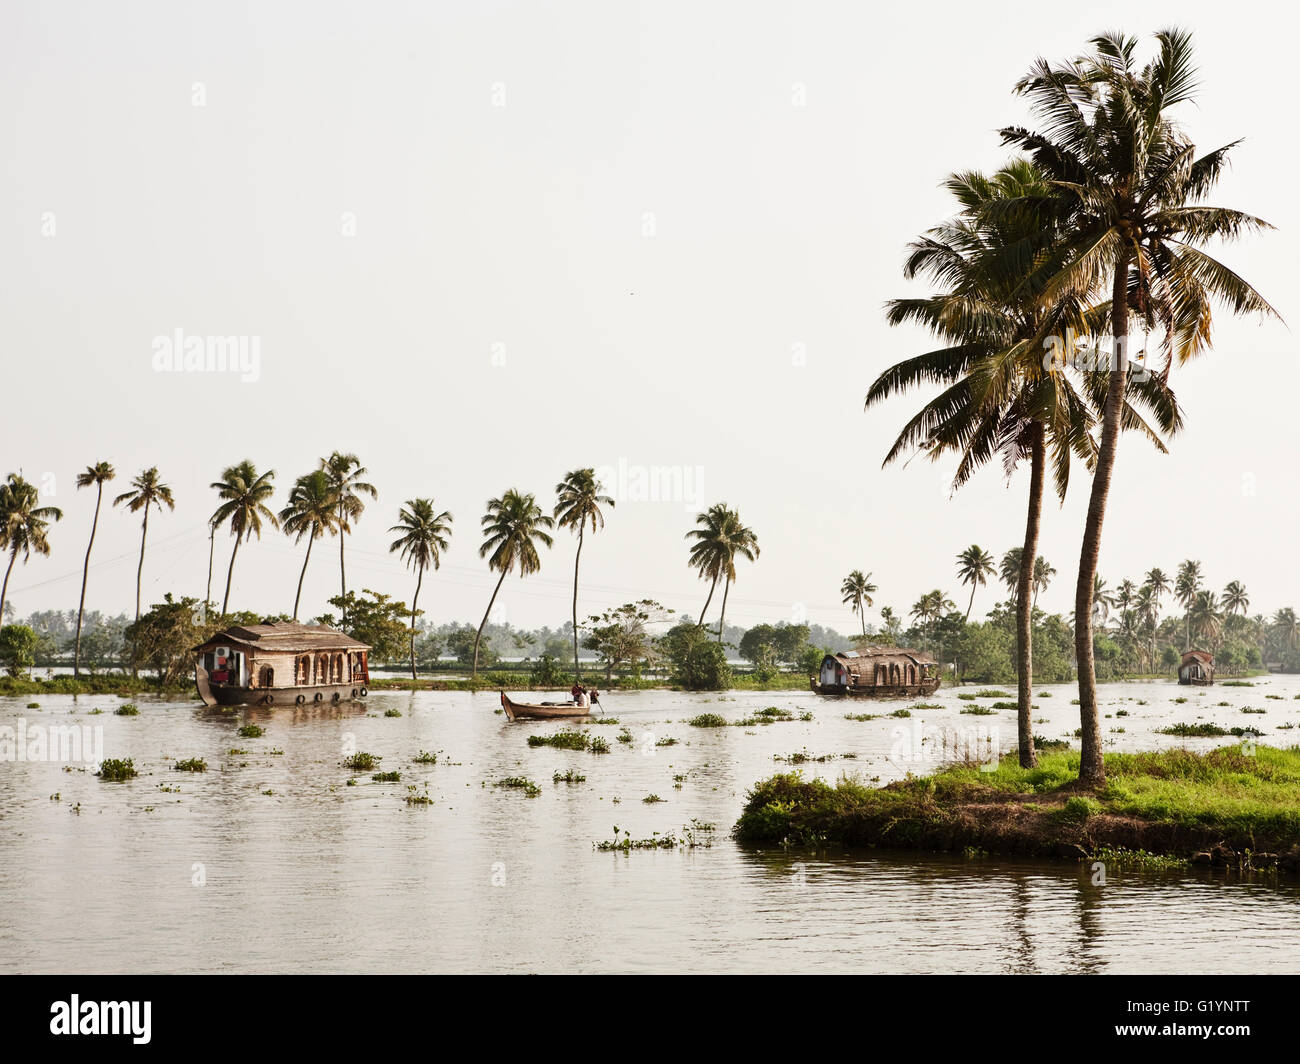 Hausboote entlang eines Kanals in den Backwaters von Kerala. Indien Stockbild